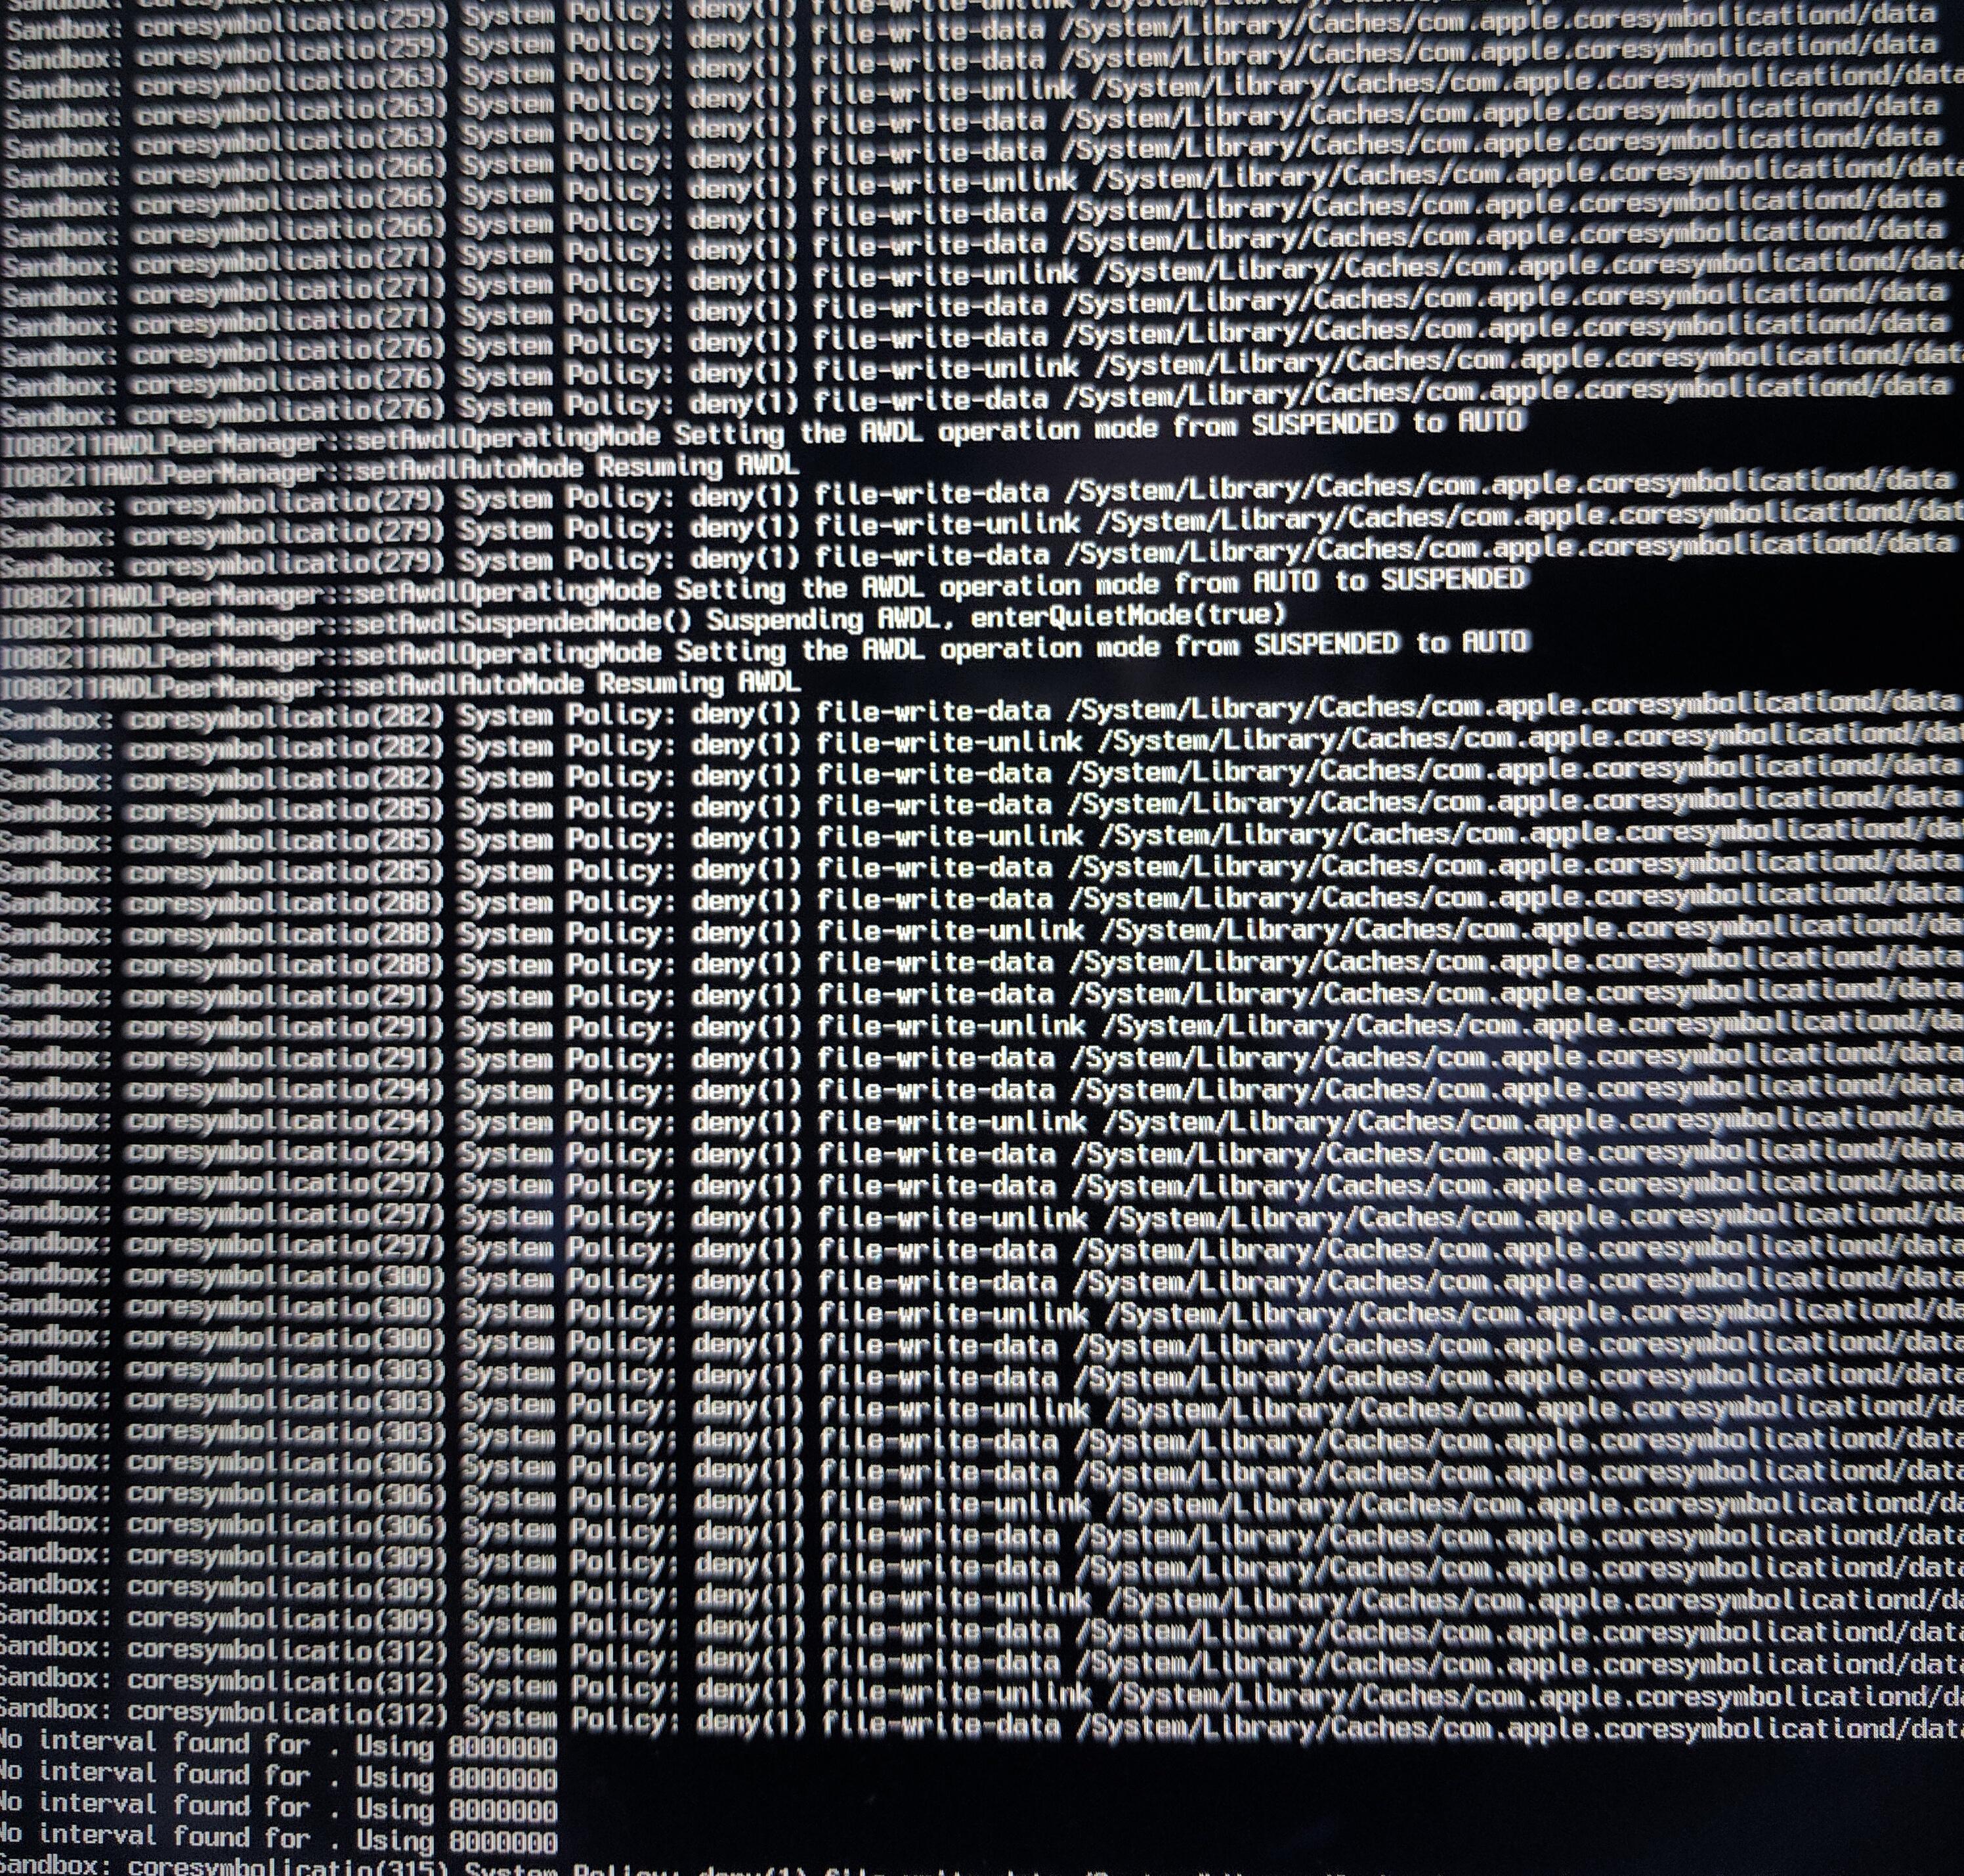 How to fix Mac OSX stuck/hanging on progress bar after login | sMyles